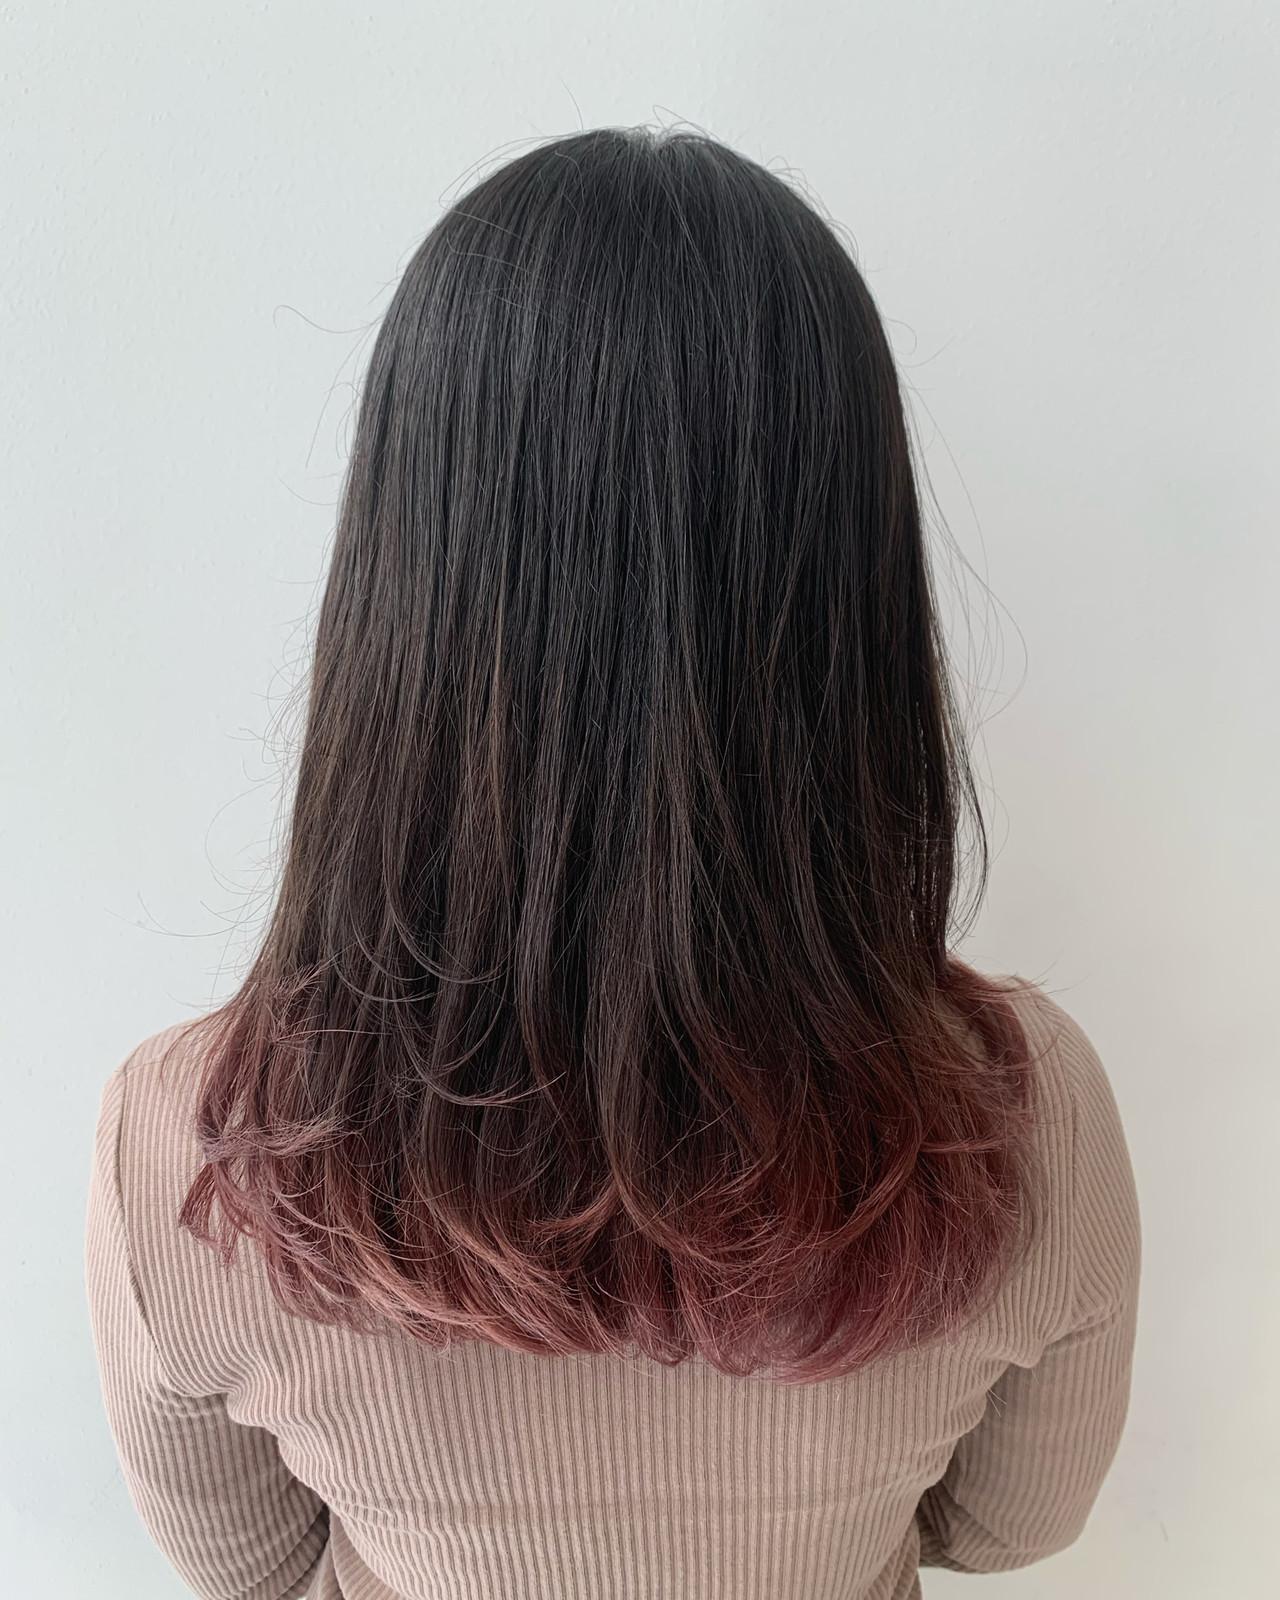 ロング ピンク ラベンダーピンク ベリーピンク ヘアスタイルや髪型の写真・画像 | [ALIVE] 石井大夢 / ALIVE